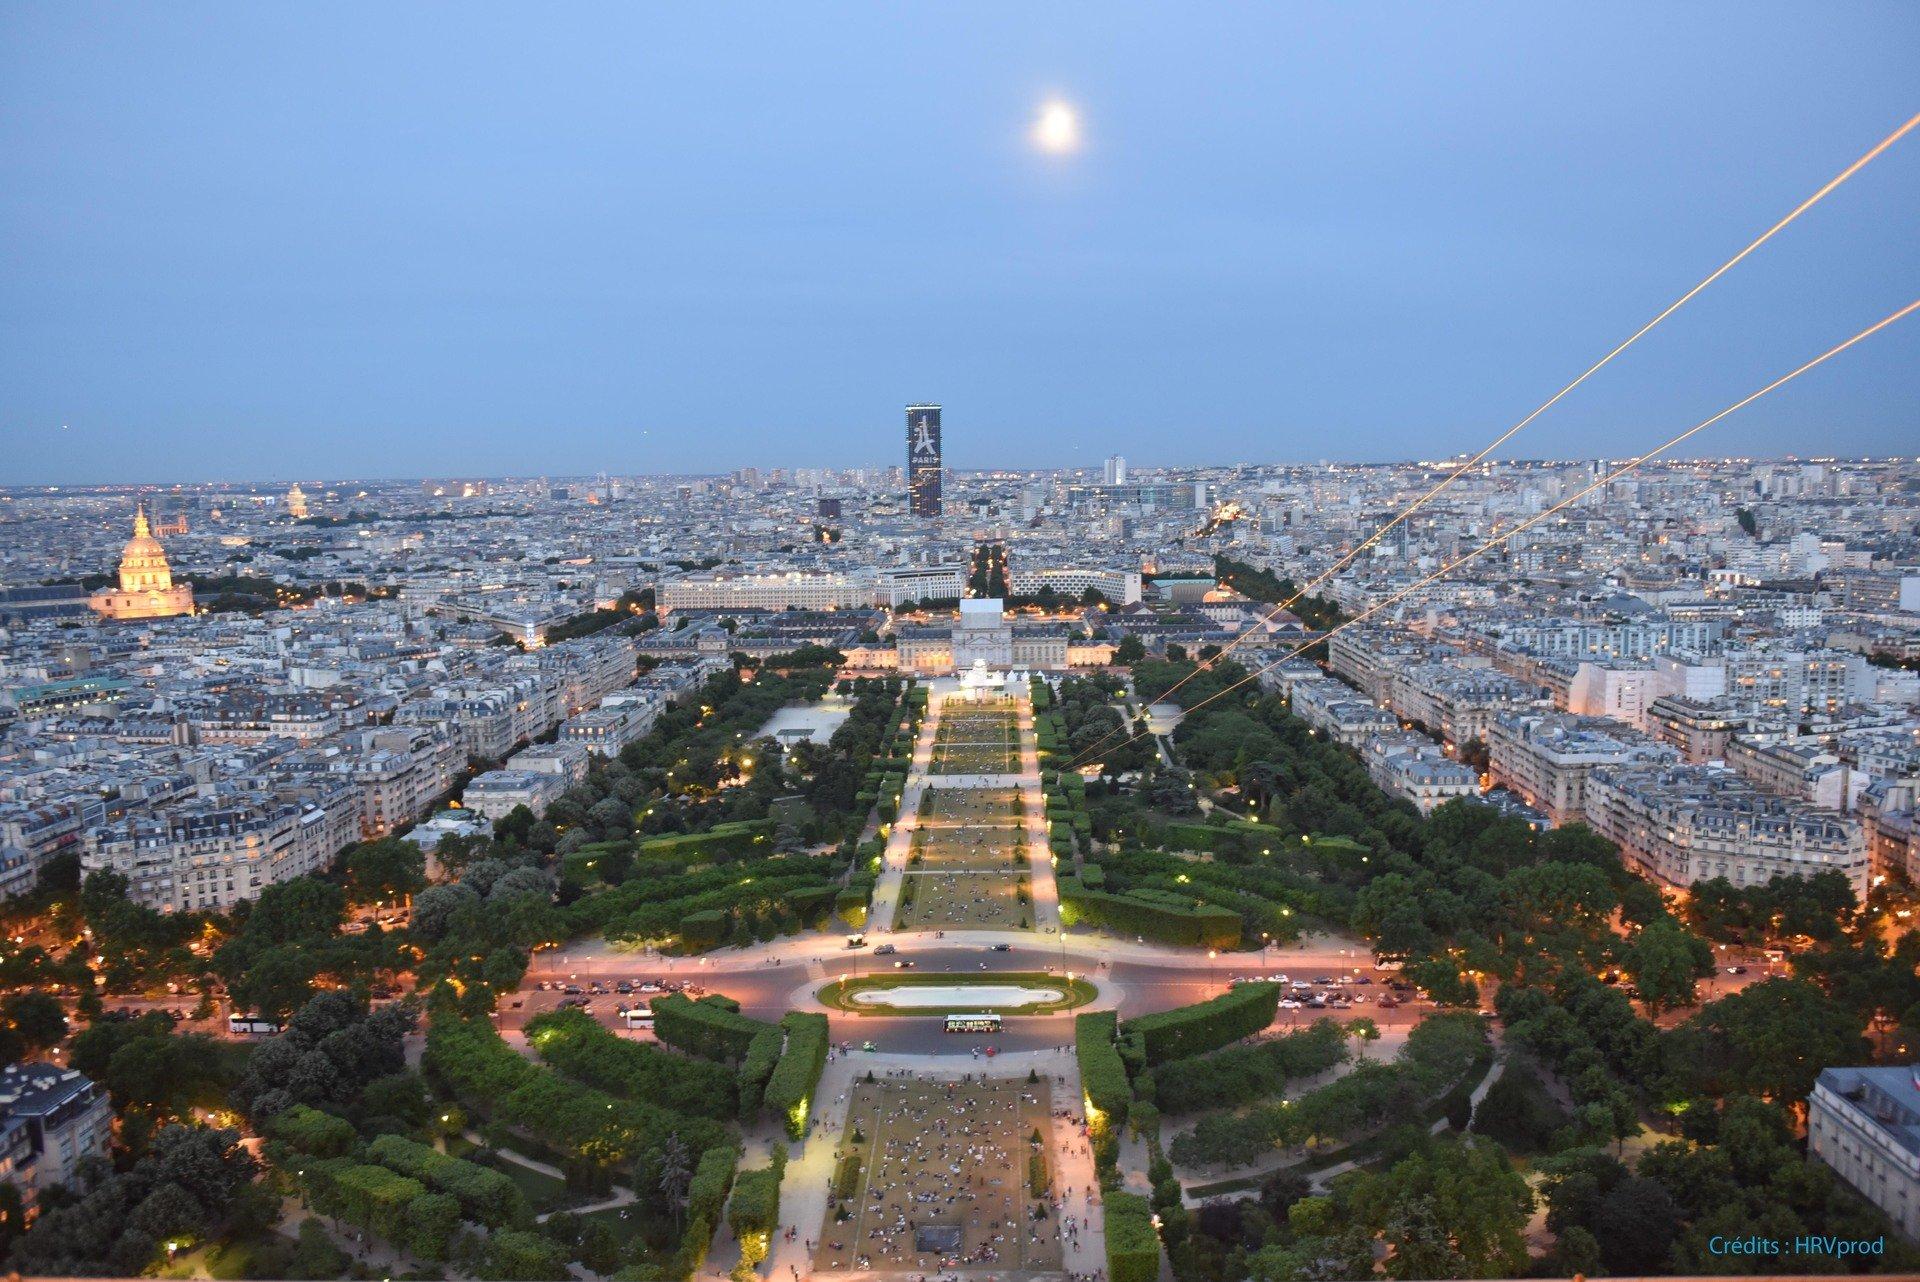 Départ Tyrolienne Eiffel